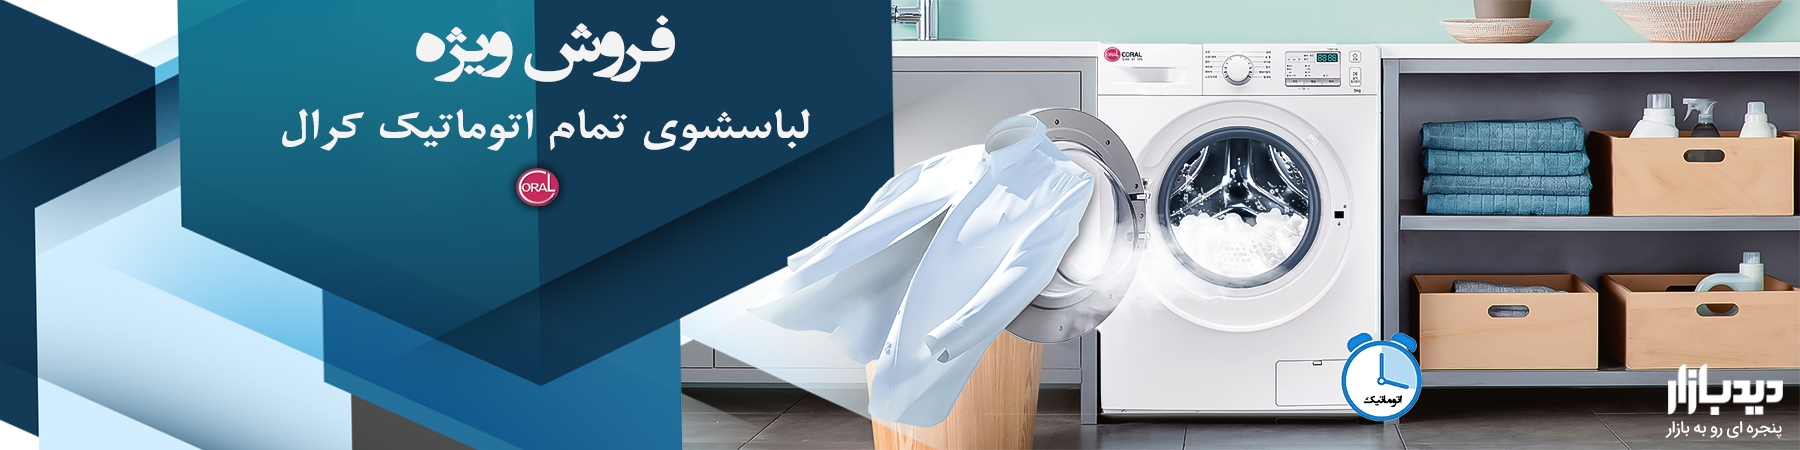 لباسشویی تمام اتوماتیک کرال